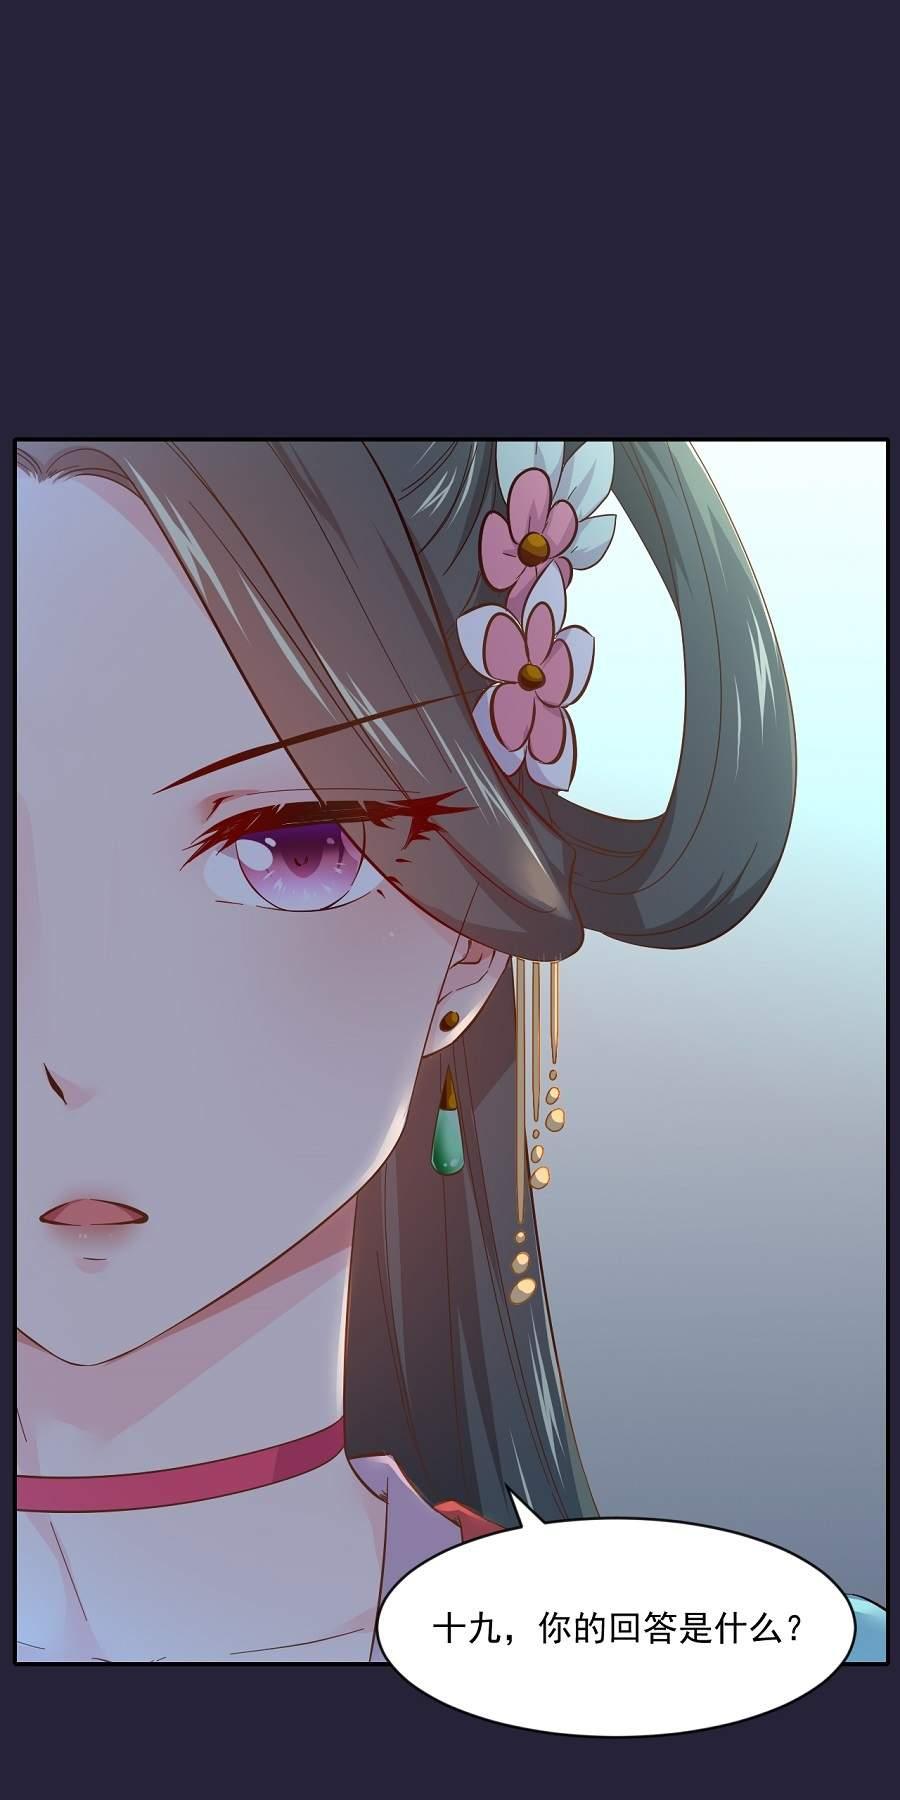 盛世帝王妃第67话  迟早是敌人 第 5